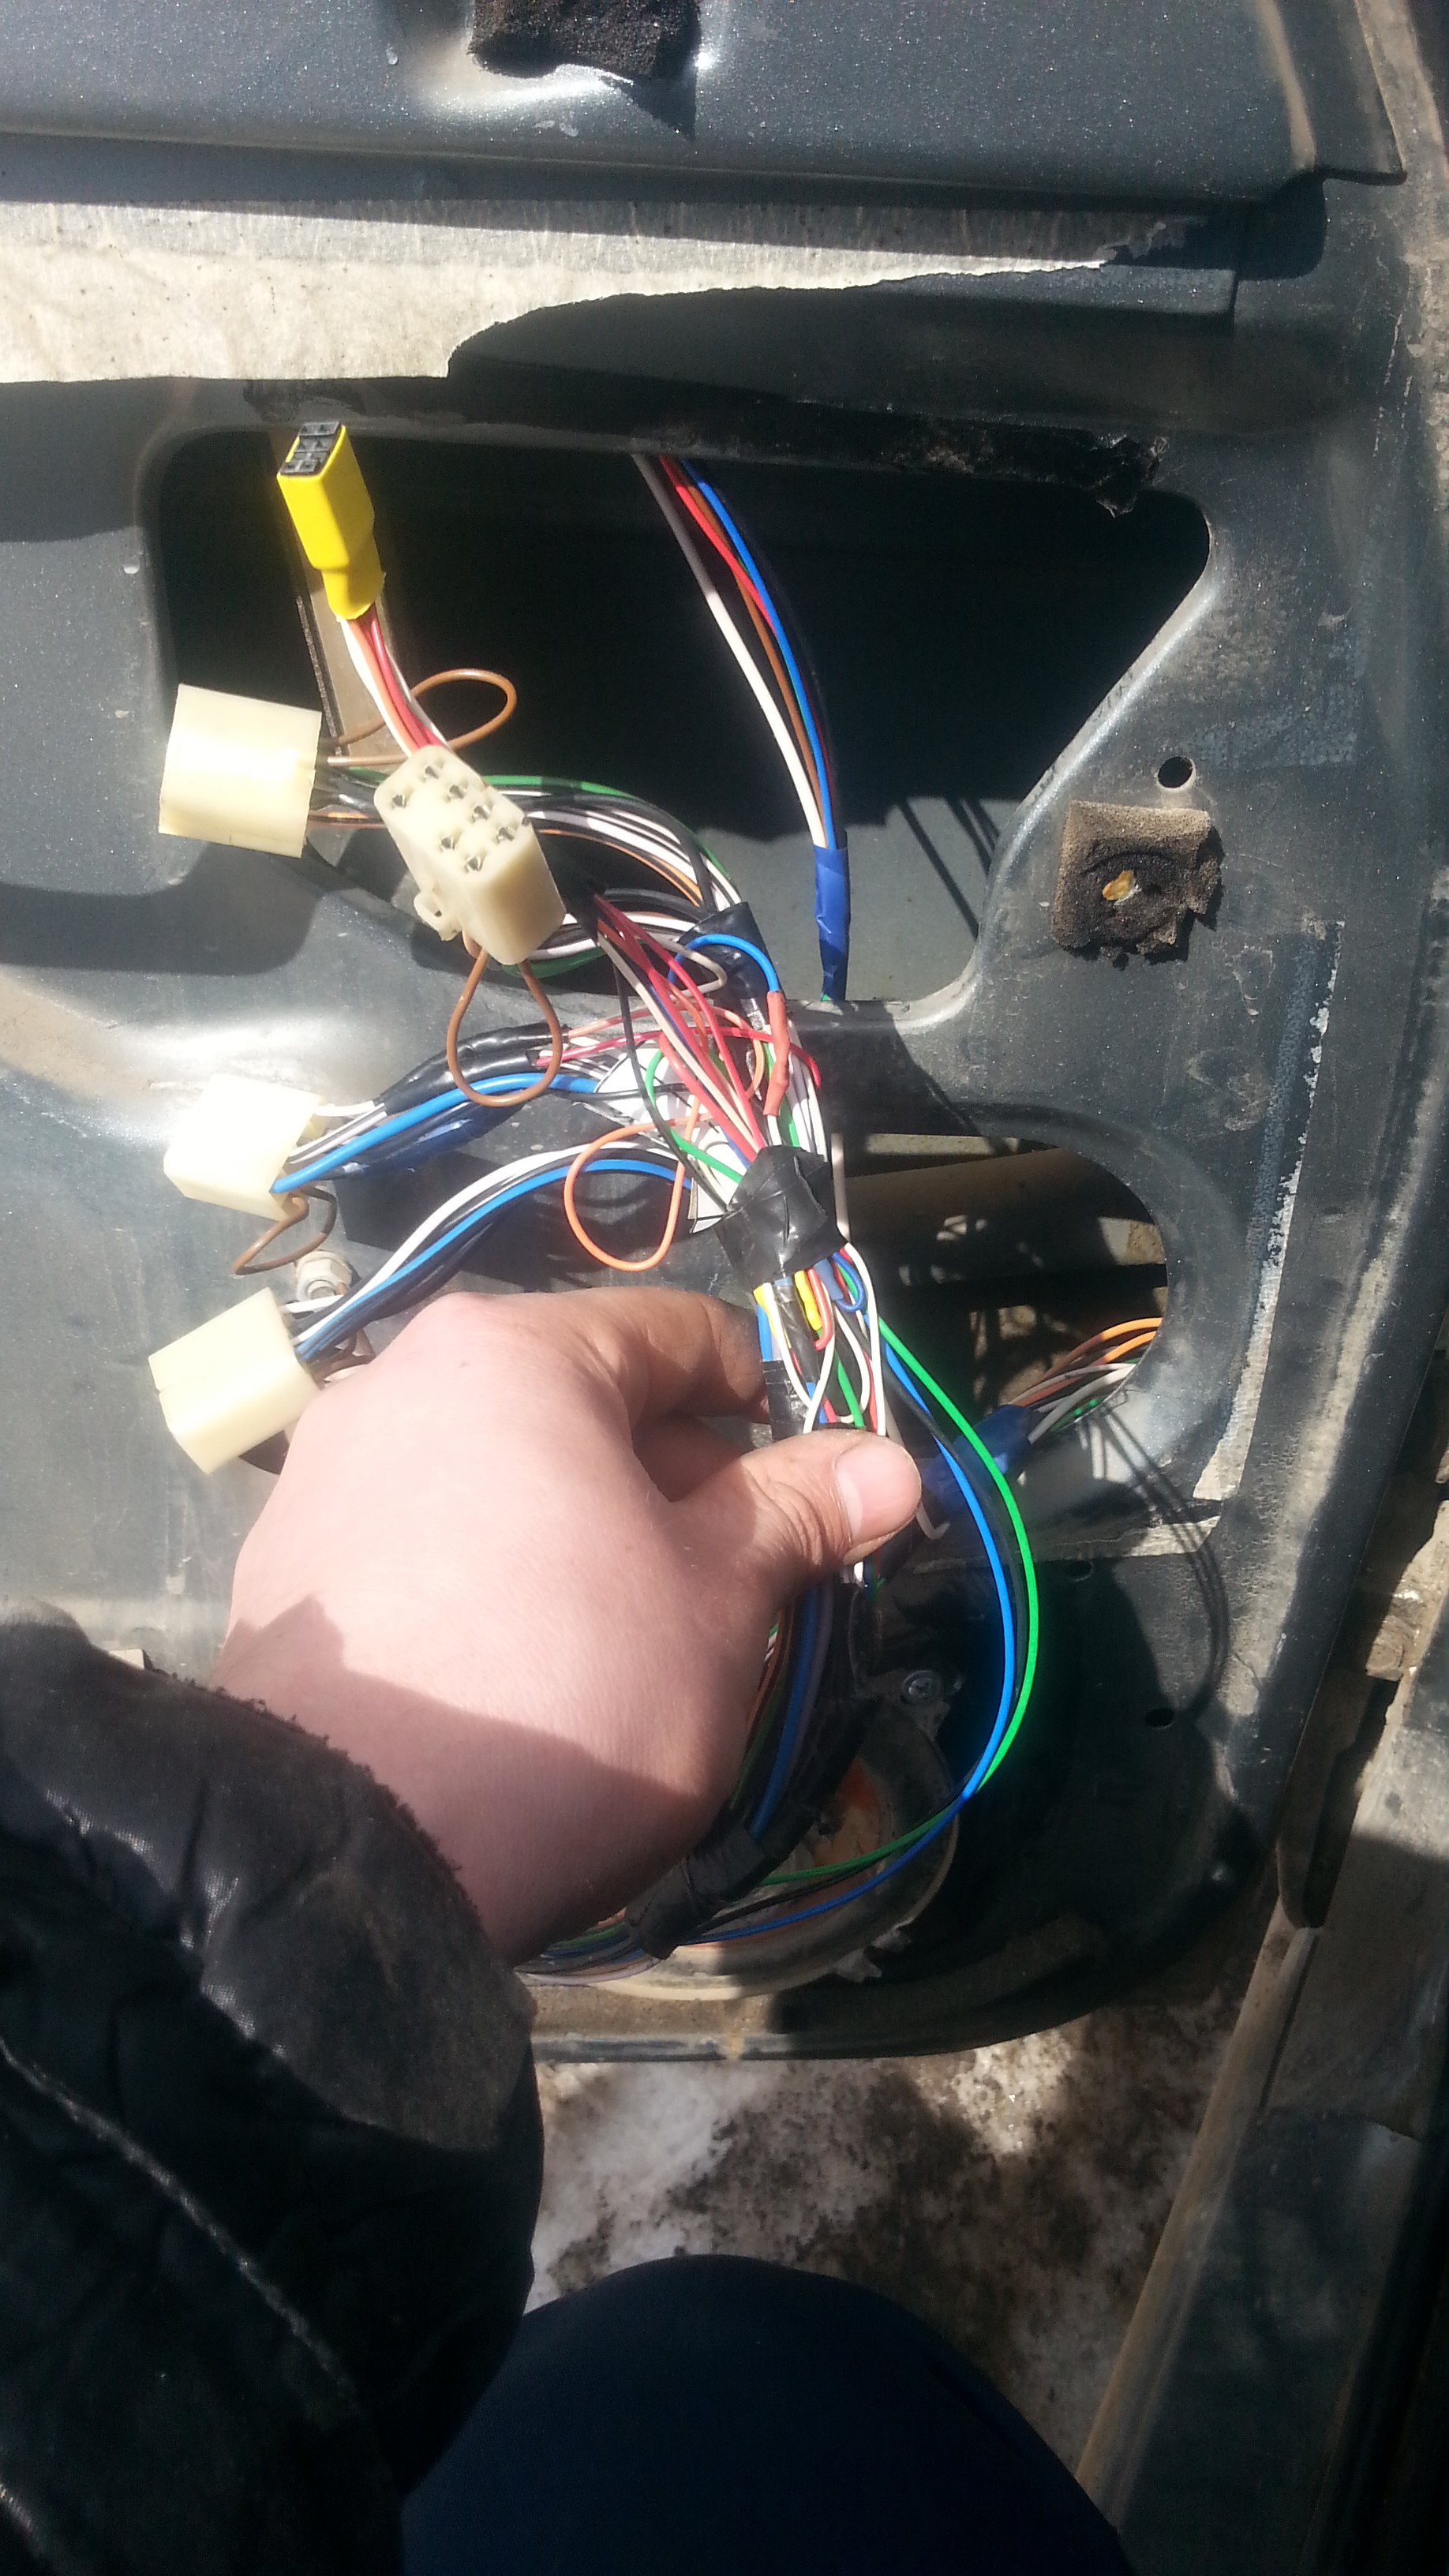 Установка блока переключателей стеклоподъемников и управления зеркалами UAZ Patriot и ГАЗель-NEXT. Рис. 12